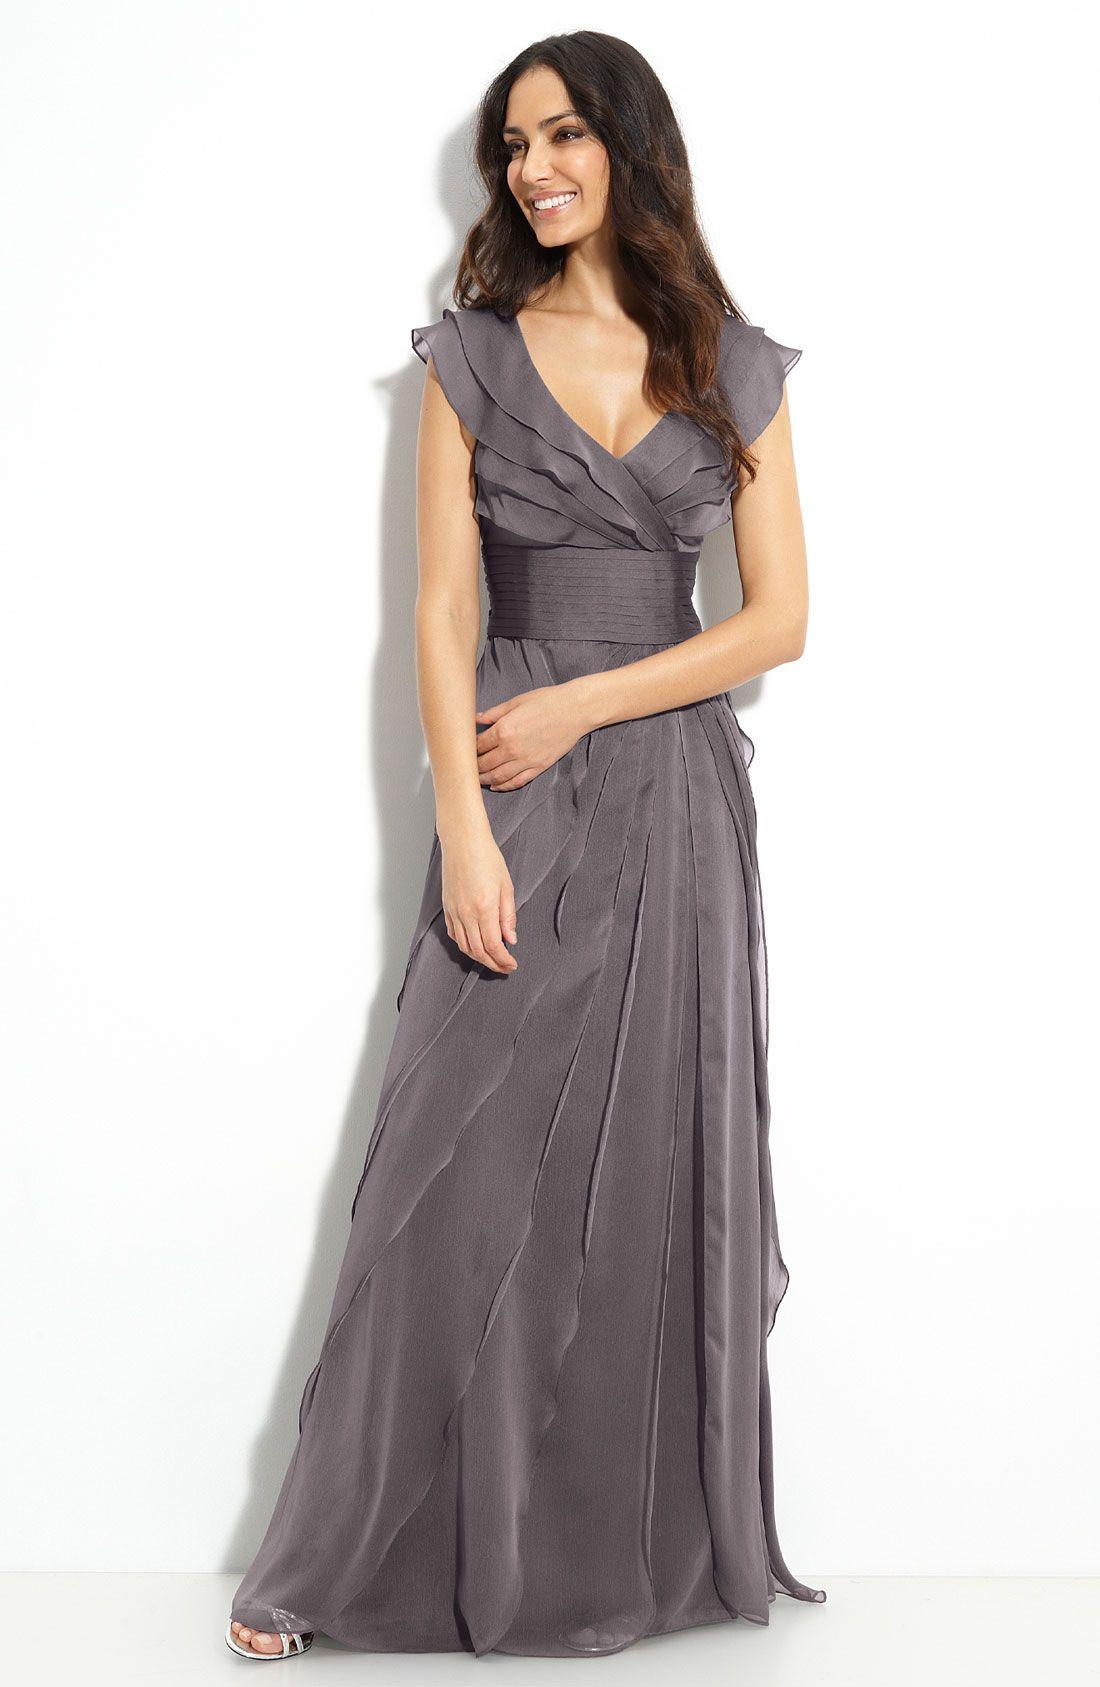 Mother of the groom dress mog dresses pinterest groom dress